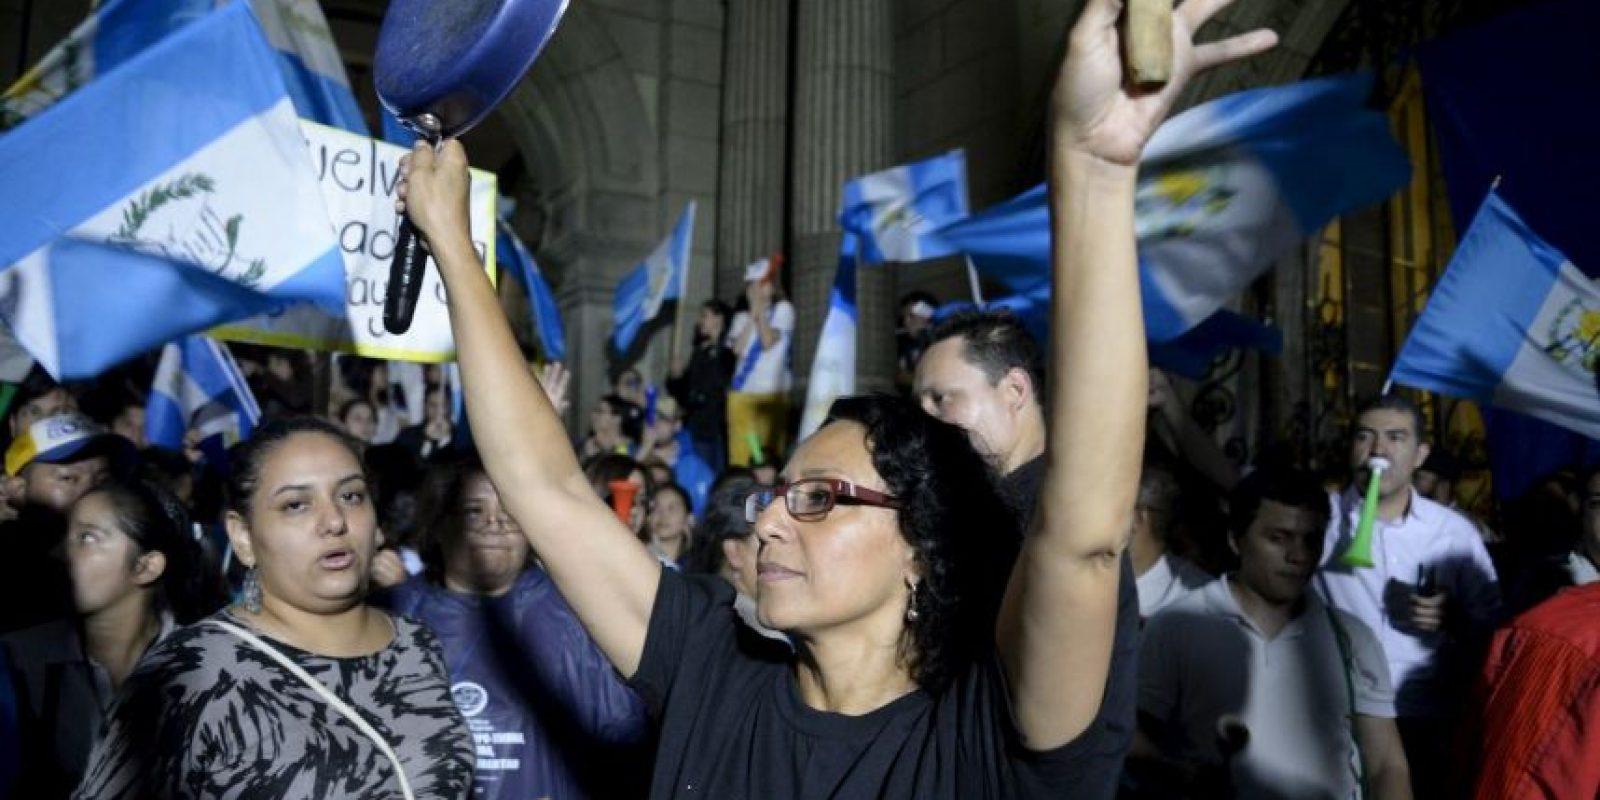 """""""La inestabilidad política en un régimen democrático se construye por estos errores"""", explica Salvador Mora Velázquez en referencia al escándalo presidencial. Foto:AFP"""